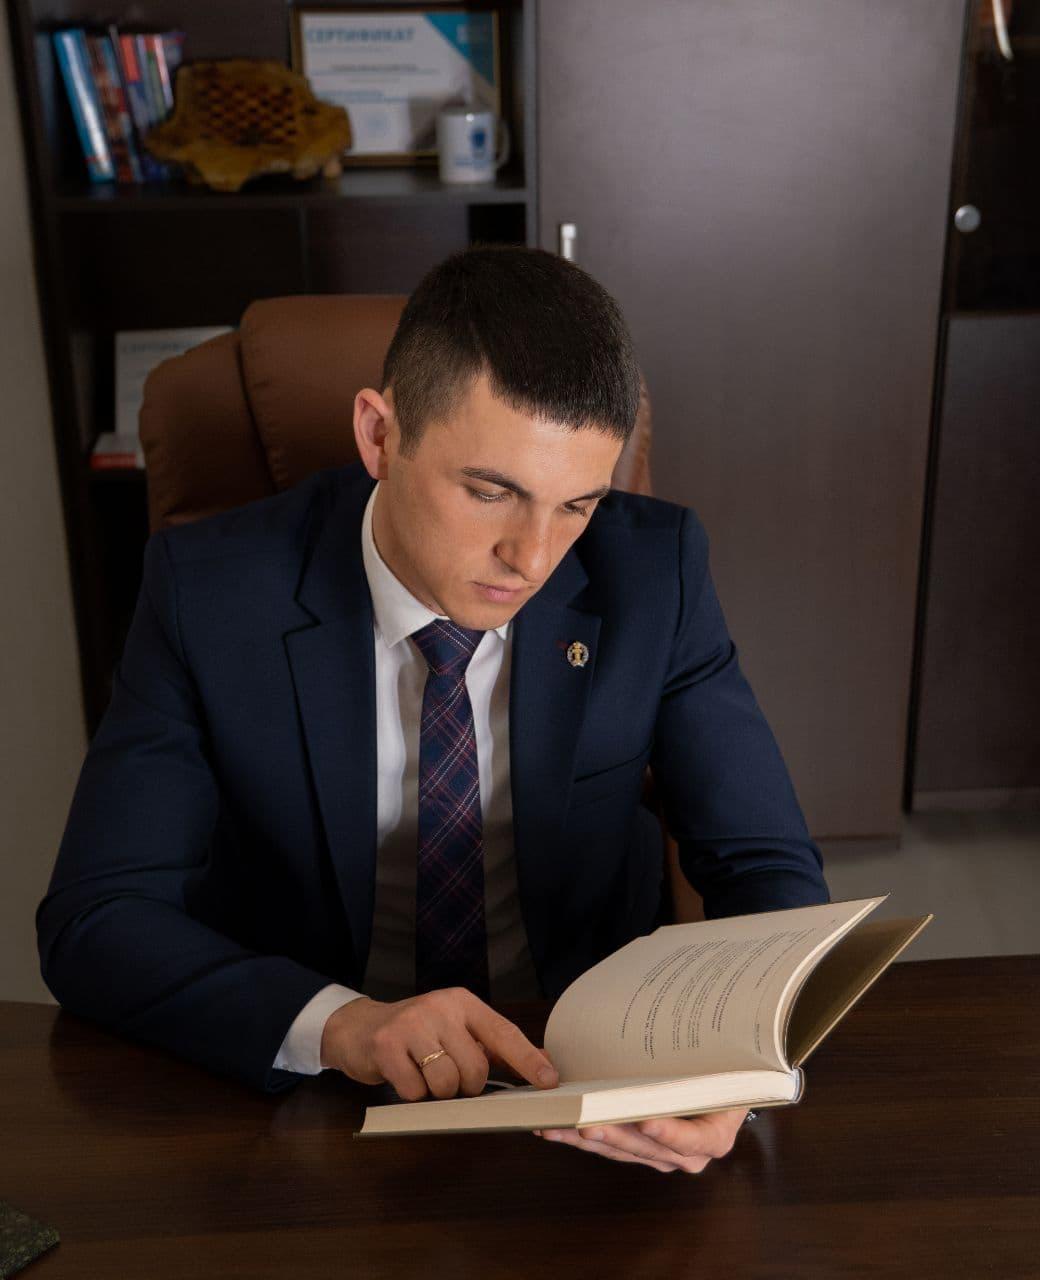 Адвокат Гусейнов в крыму, юридическая помощь Симферополь, Севастополь